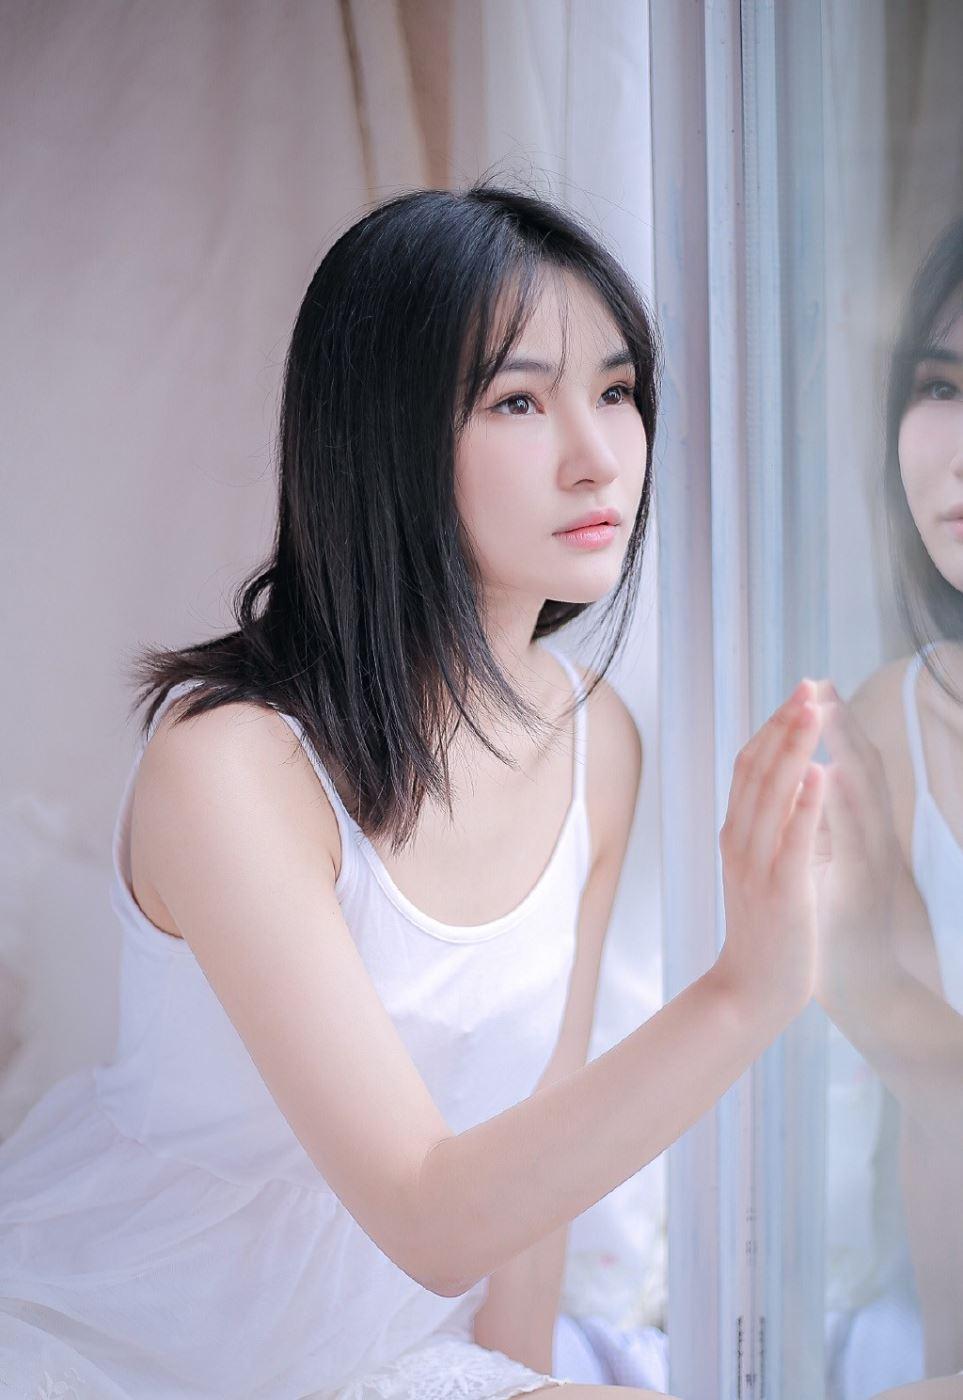 小清新美少女性感吊带睡衣诱惑日系摄影写真图片